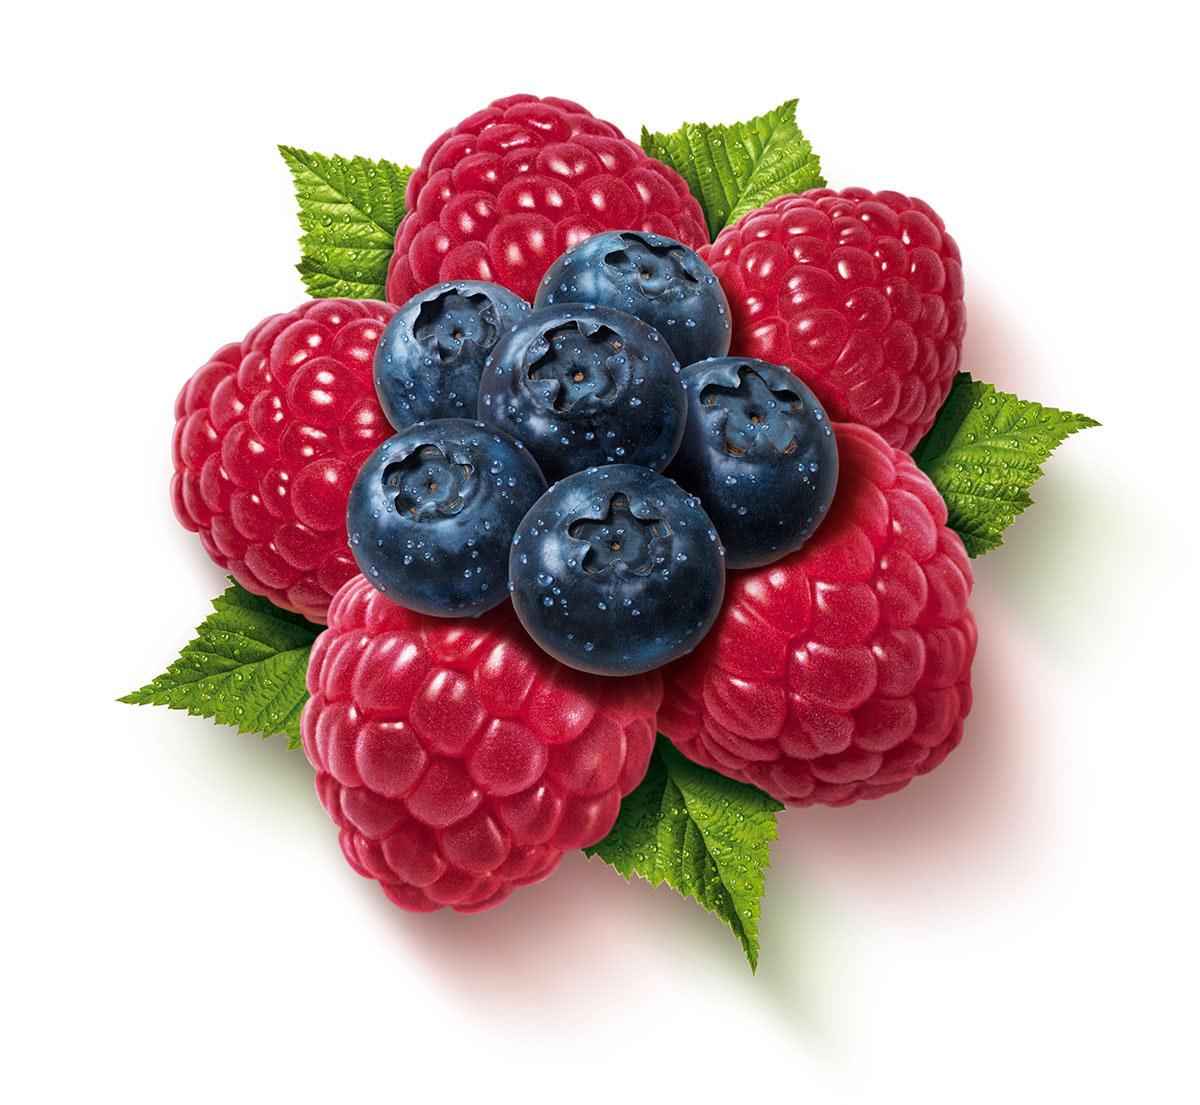 Super realistic fresh juicy raspberries and blueberries in a flower shape for Ekstroms juice drink.